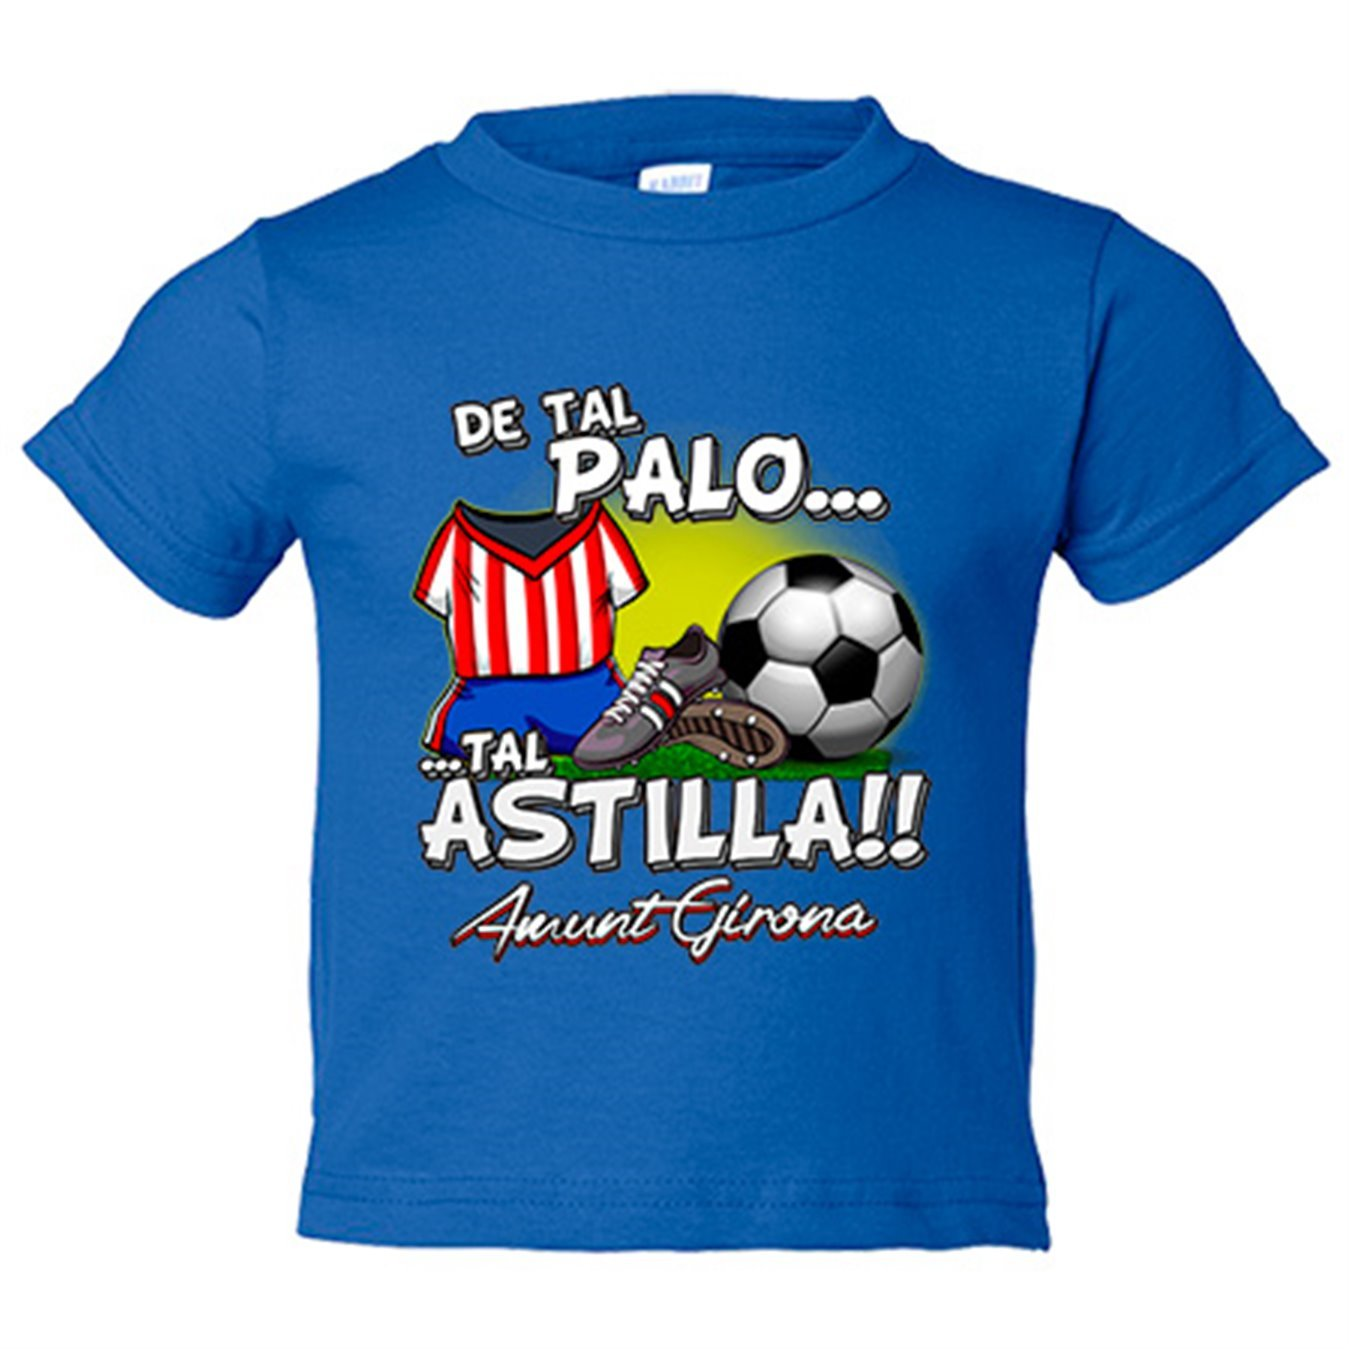 Camiseta niño De tal palo tal astilla Girona fútbol - Amarillo, 3-4 años: Amazon.es: Bebé